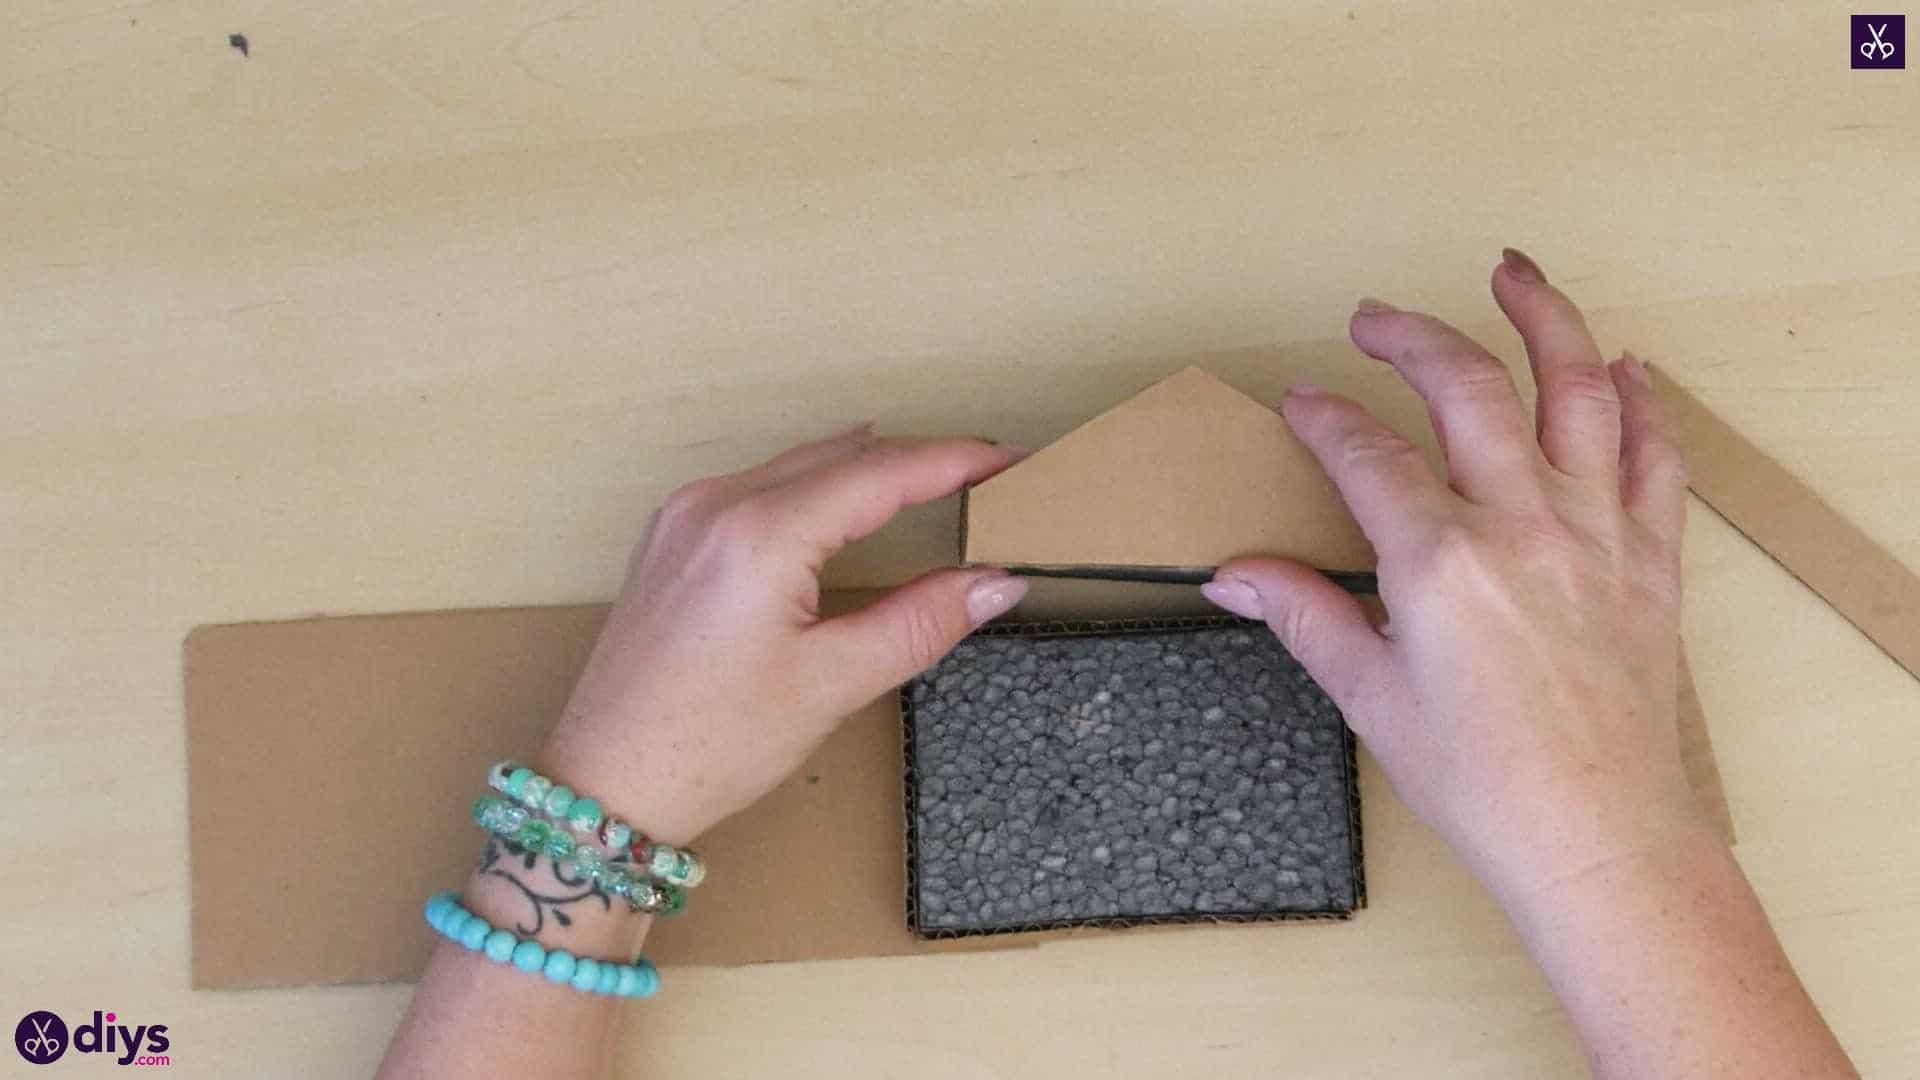 Diy miniature cage centerpiece step 5p